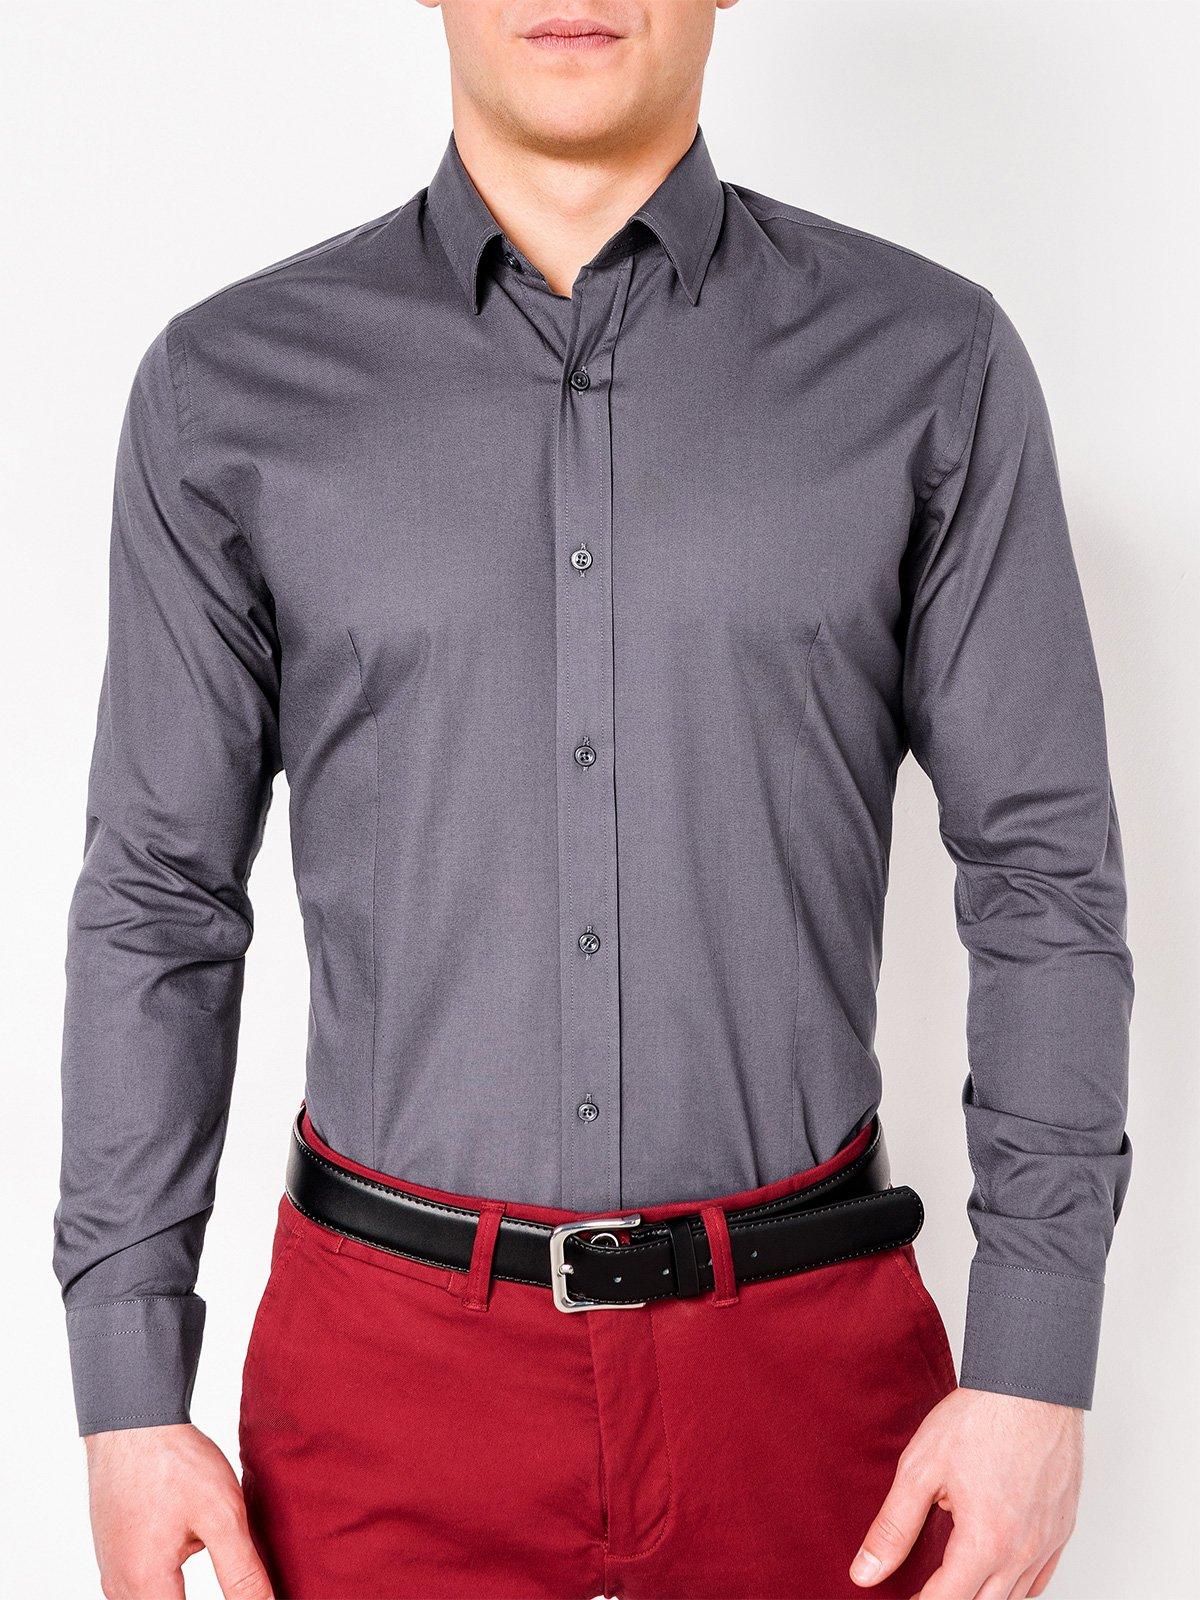 2b788bc4f62 ... Мужская рубашка элегантная с длинным рукавом K219 - темно-серая ...